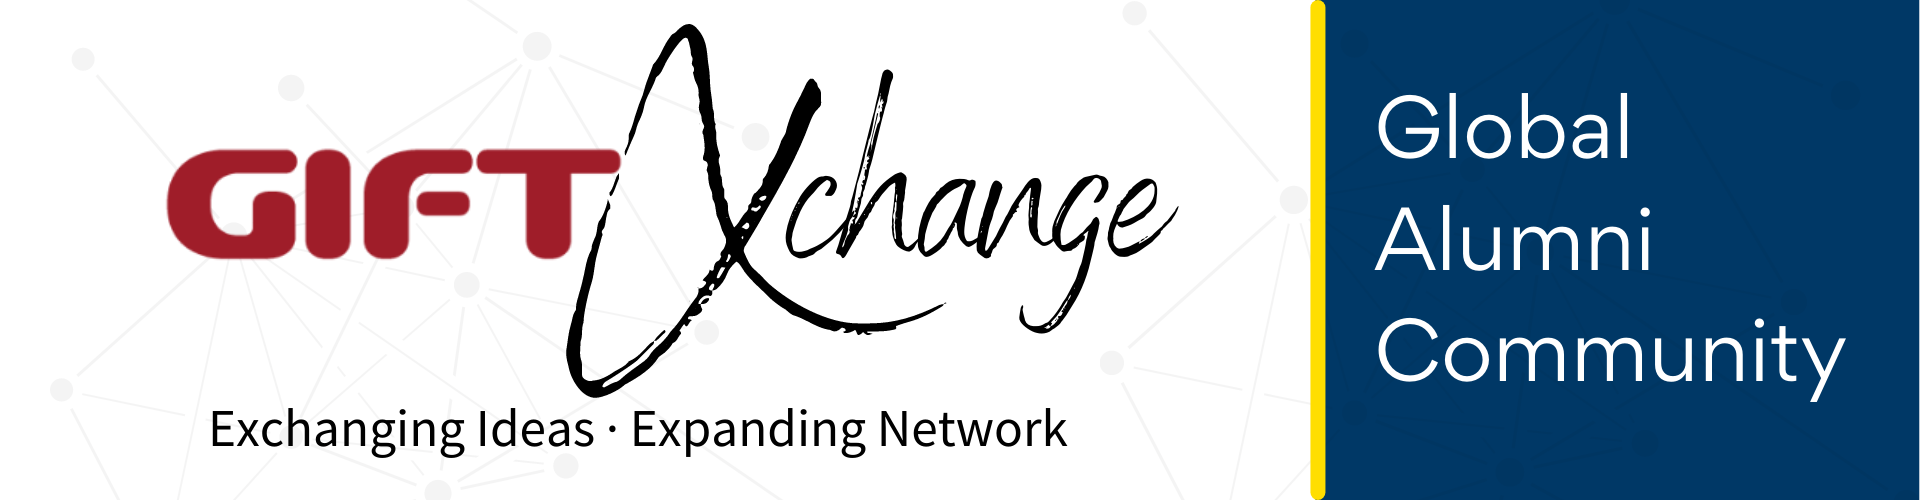 giftXchange header